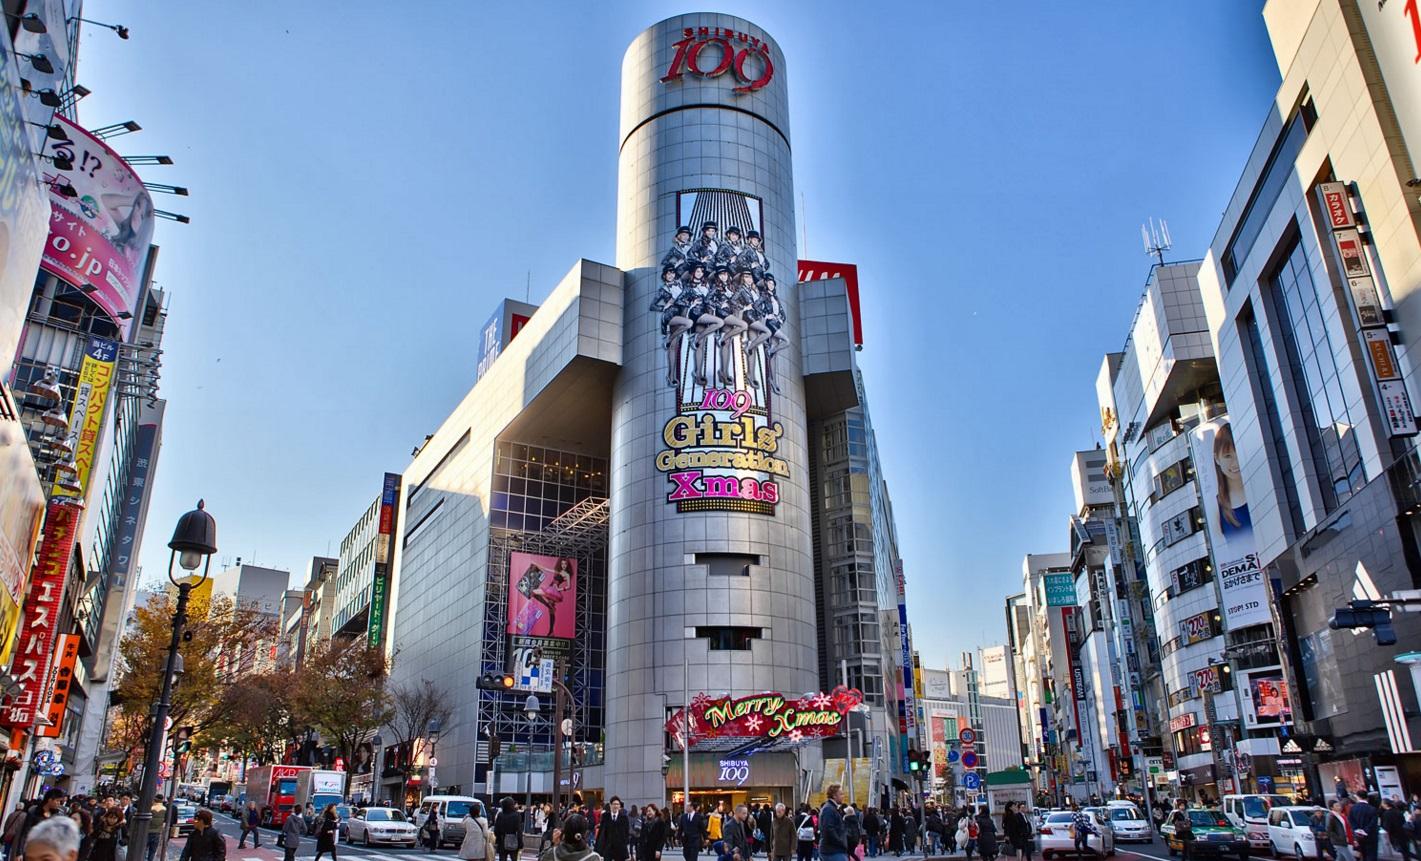 渋谷でおすすめブランド買取店5社をご紹介!高価買取のコツも伝授!